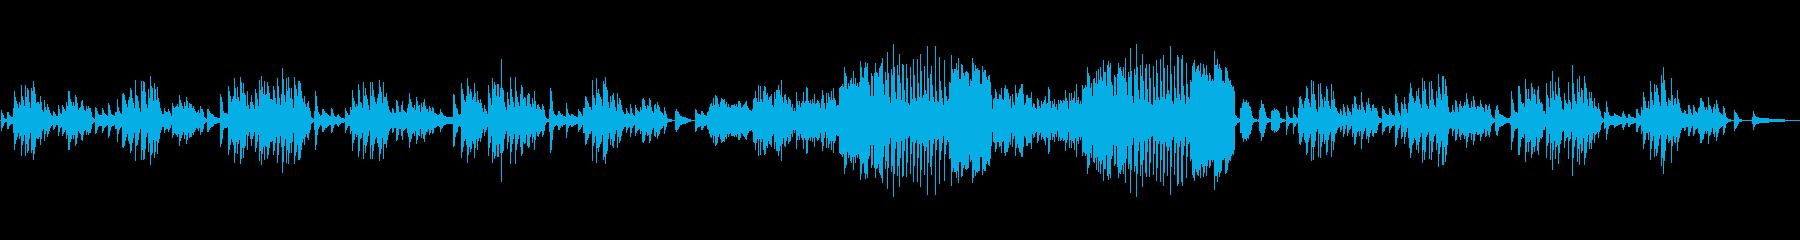 ピアノソロ「ワンスアポンアタイム」の再生済みの波形